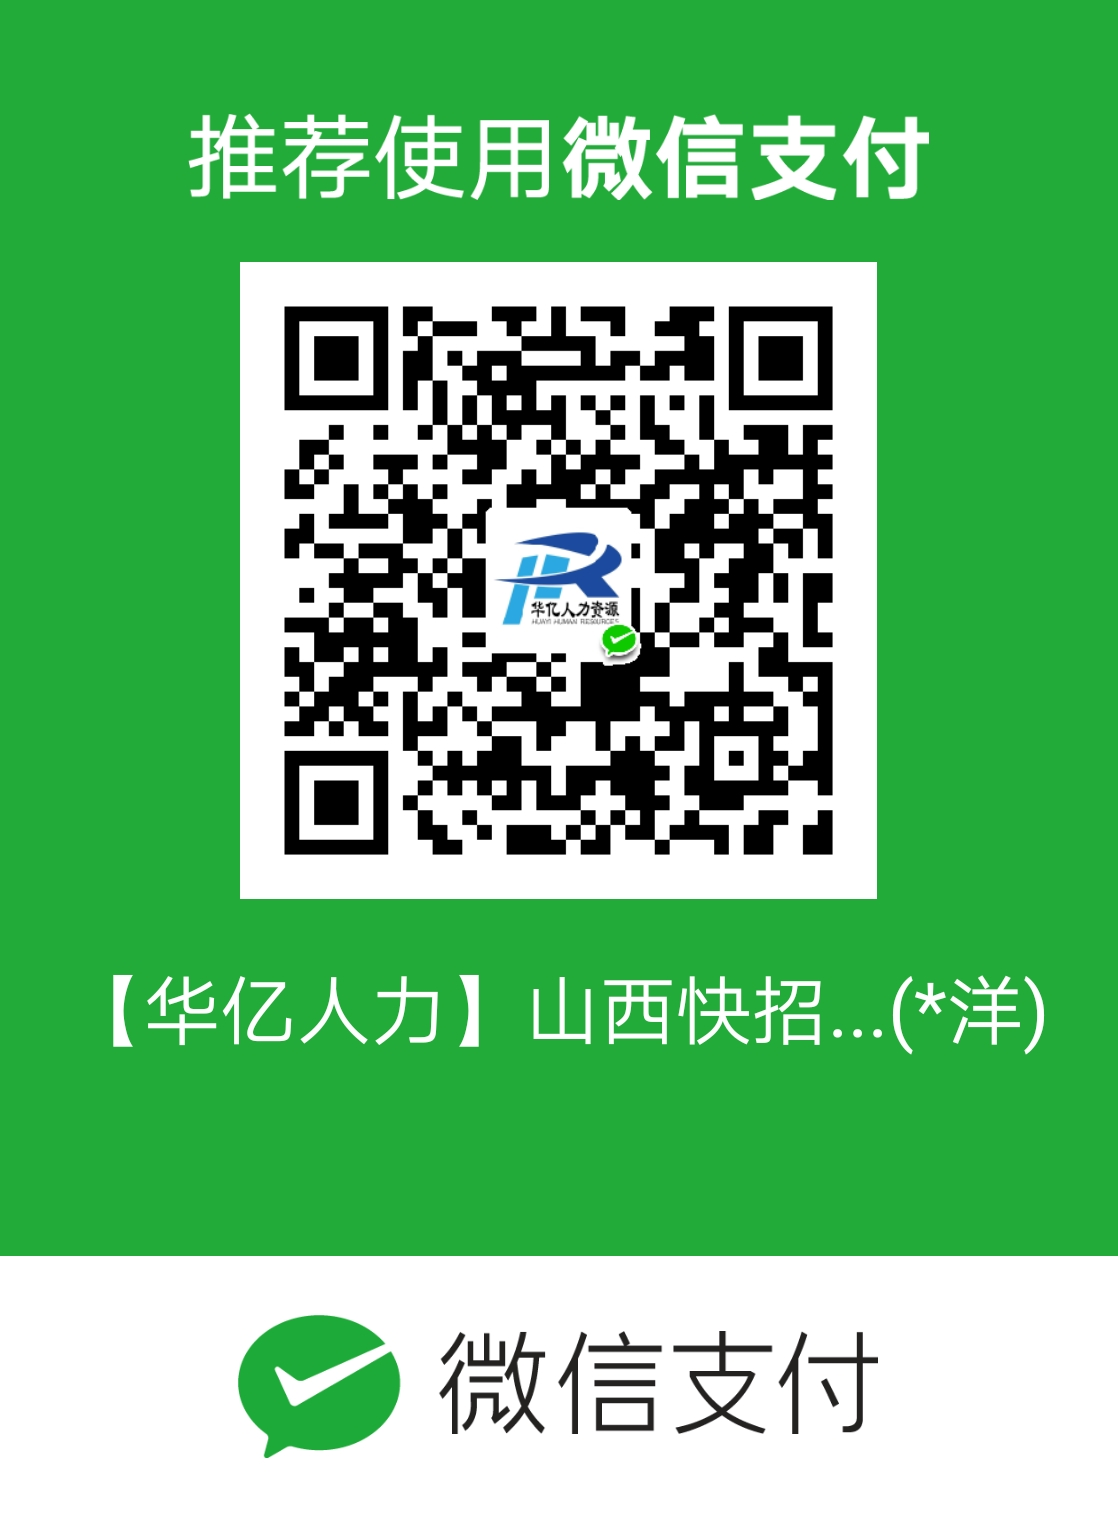 微信图片_20200208095455.png